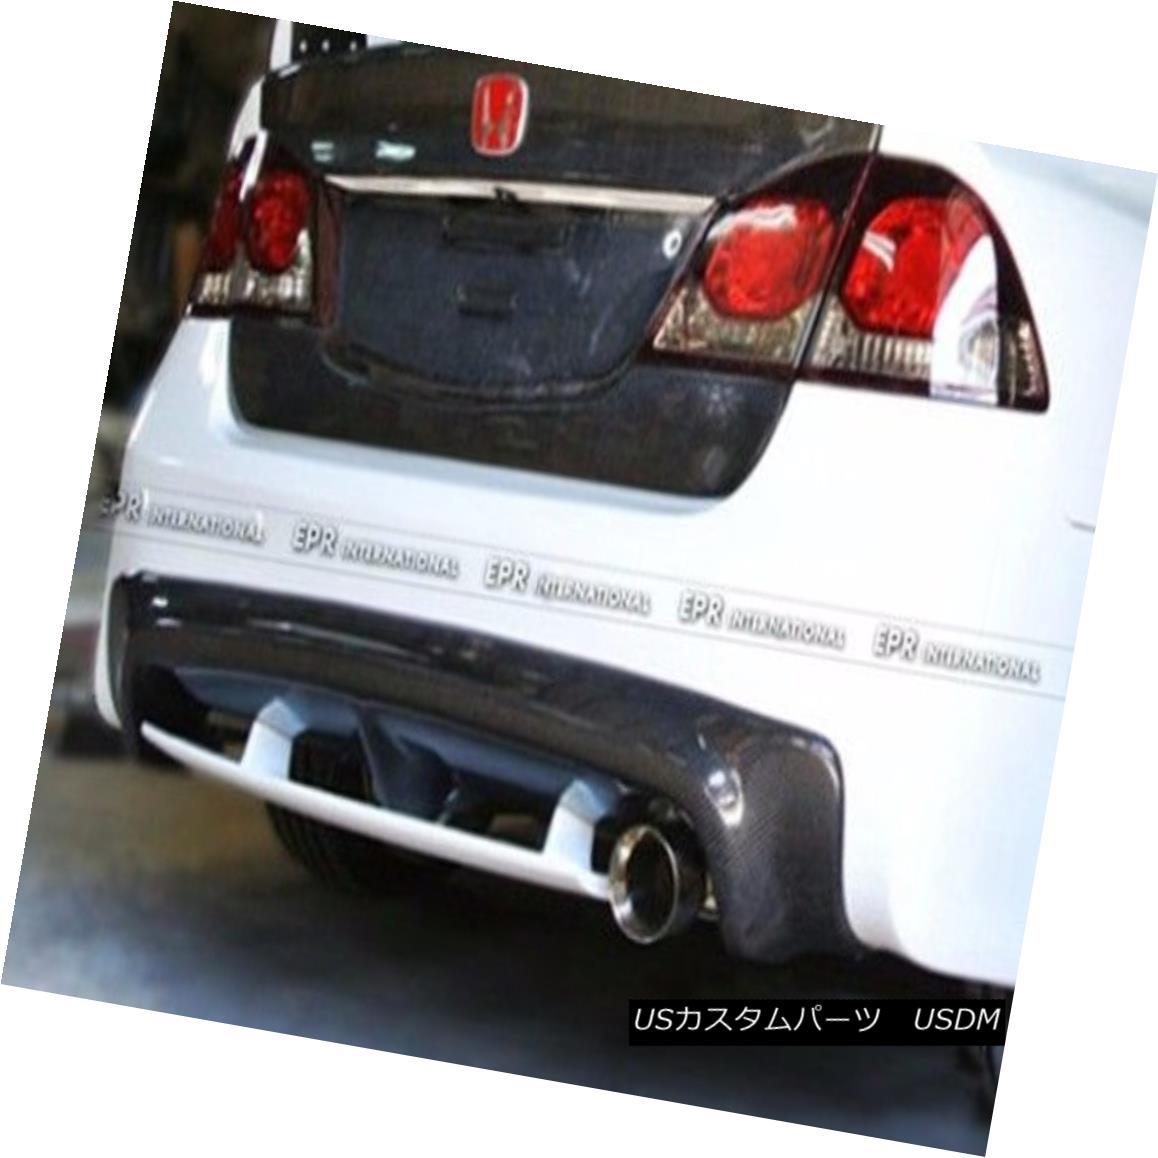 エアロパーツ Rear Bumper Exhaust Diffuser Splitter For Honda Civic FD2 Mug Style Carbon Fiber ホンダシビックFD2マグスタイルカーボンファイバー用リアバンパー排気ディフューザースプリッター